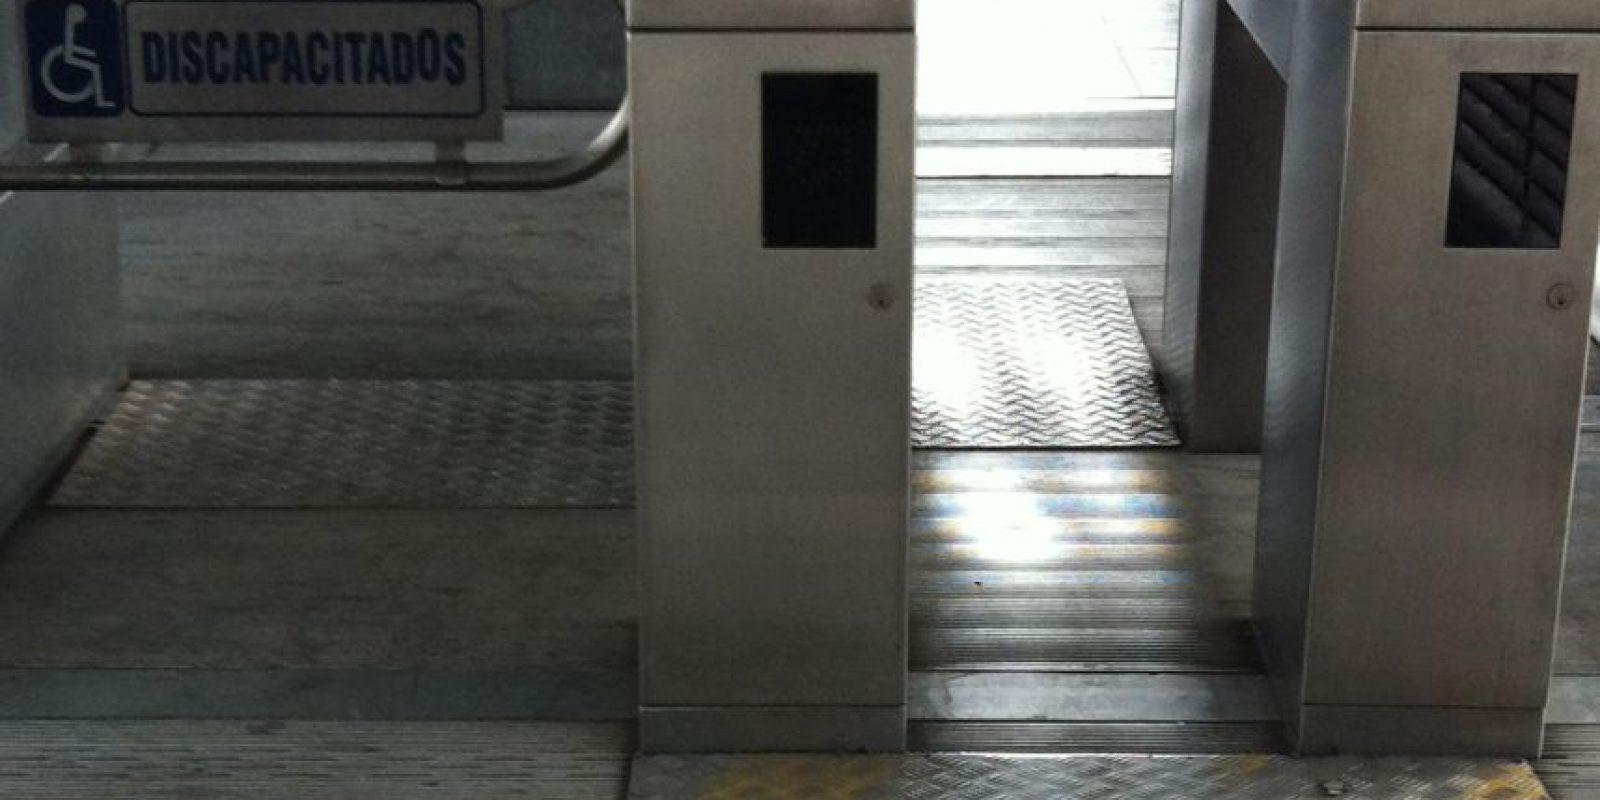 Estación Cardio Infantíl: Se observa que ha recibido mantenimiento. Ha sido reparada.